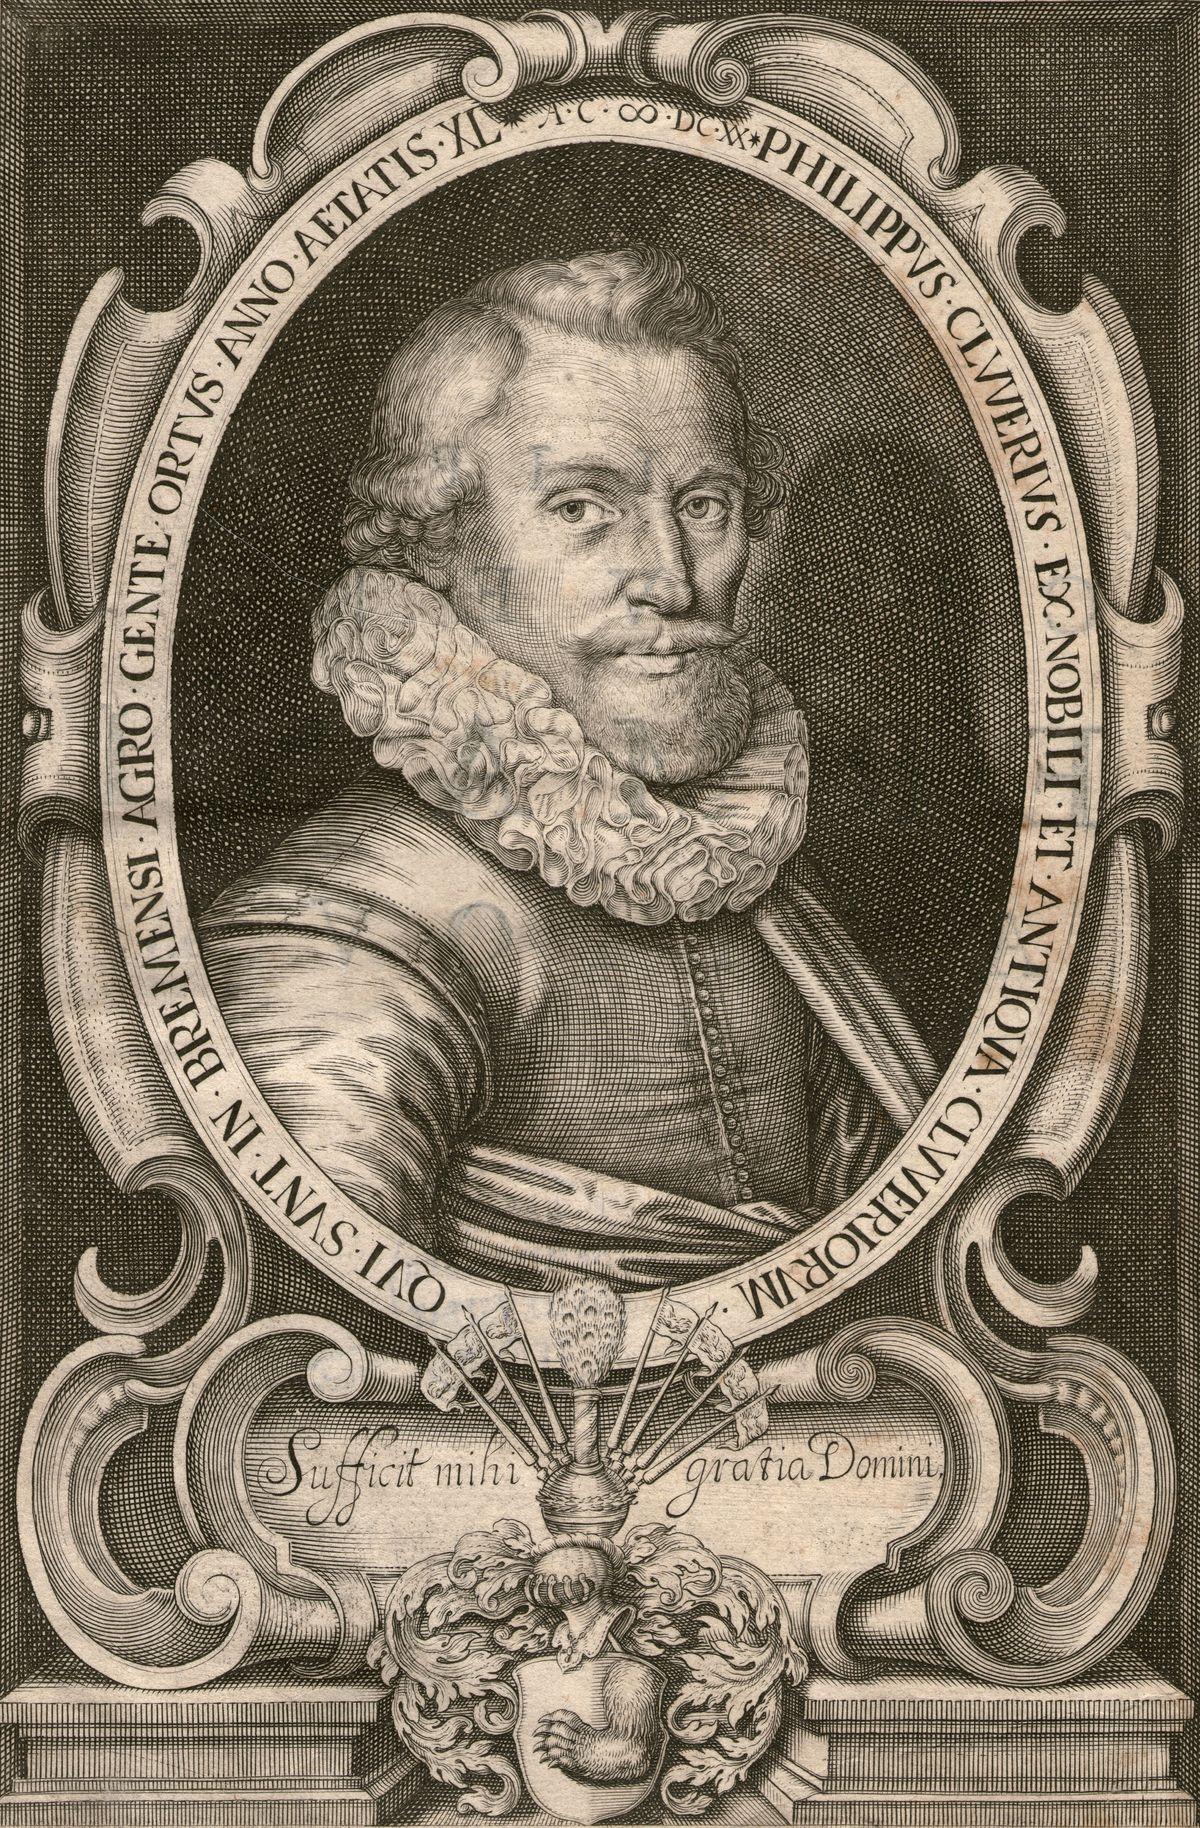 Philipp Clüver